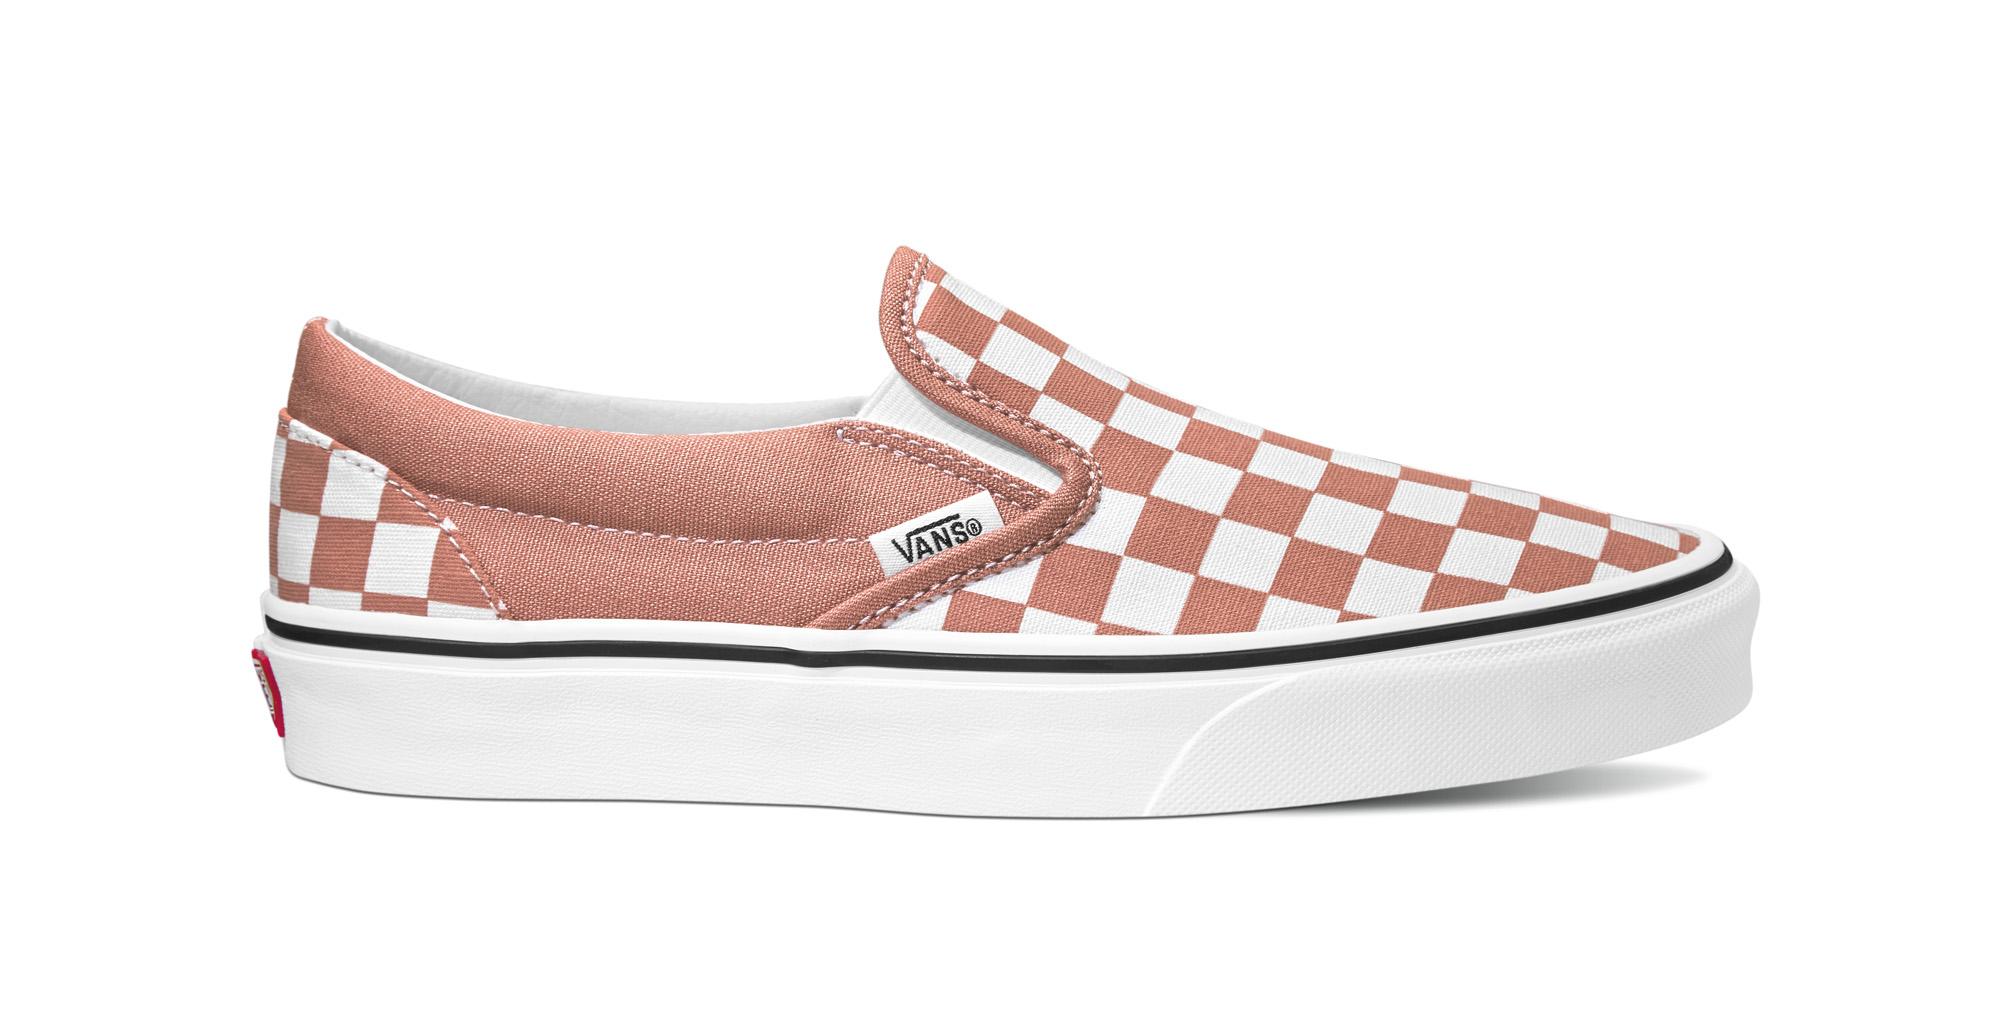 Vans Checkered Slip On sneakers, rosedawn, 40